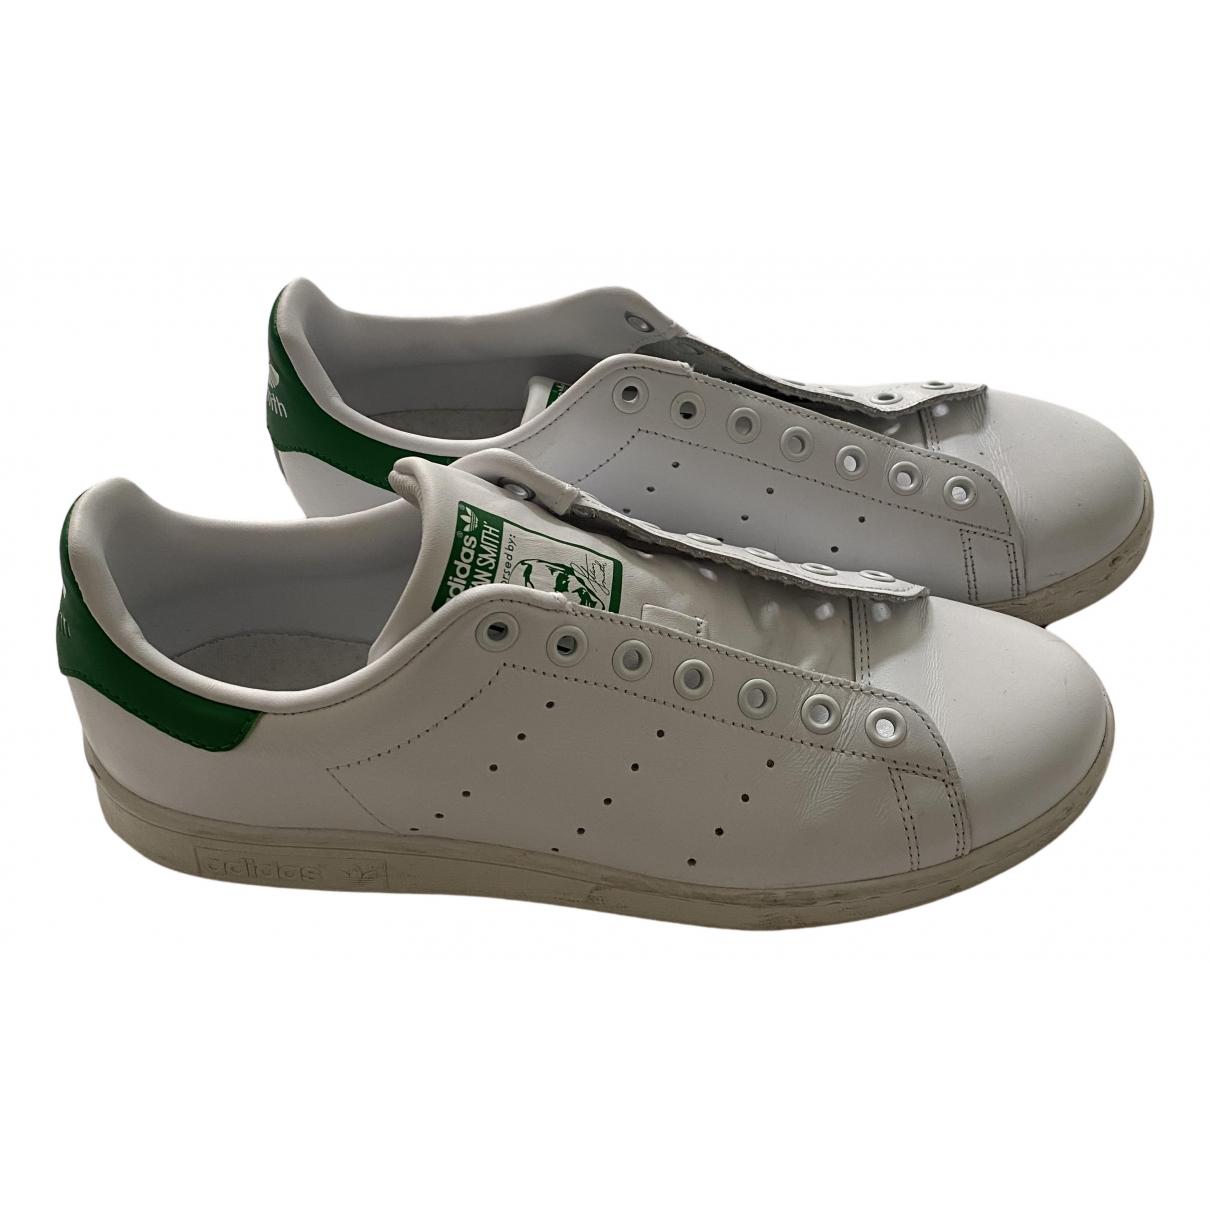 Adidas - Baskets Stan Smith pour homme en caoutchouc - blanc